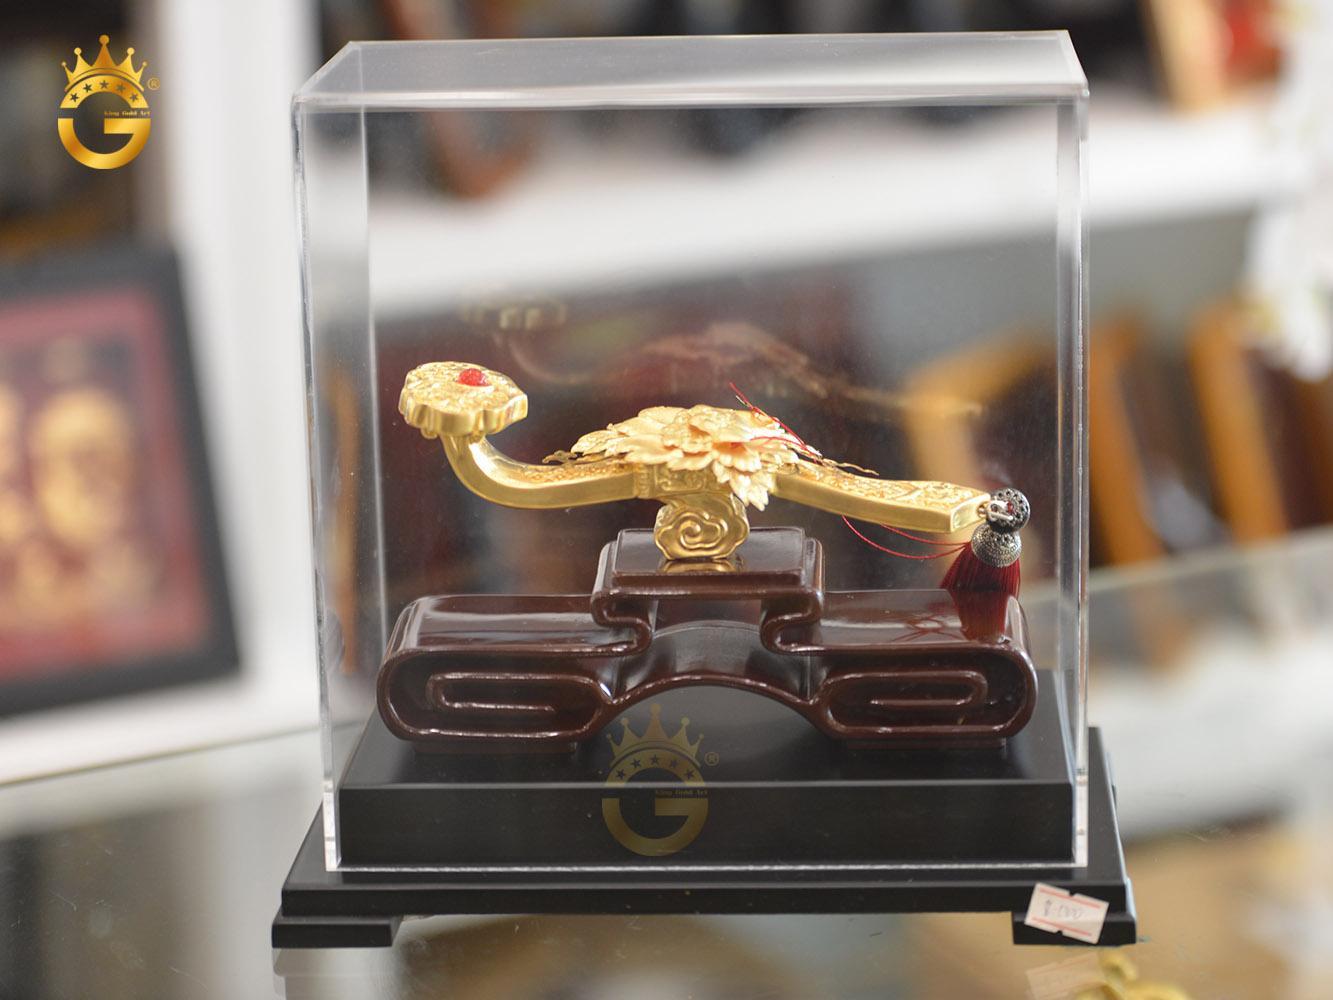 Gậy như ý bằng đồng mạ vàng 24k làm quà tặng độc đáo0